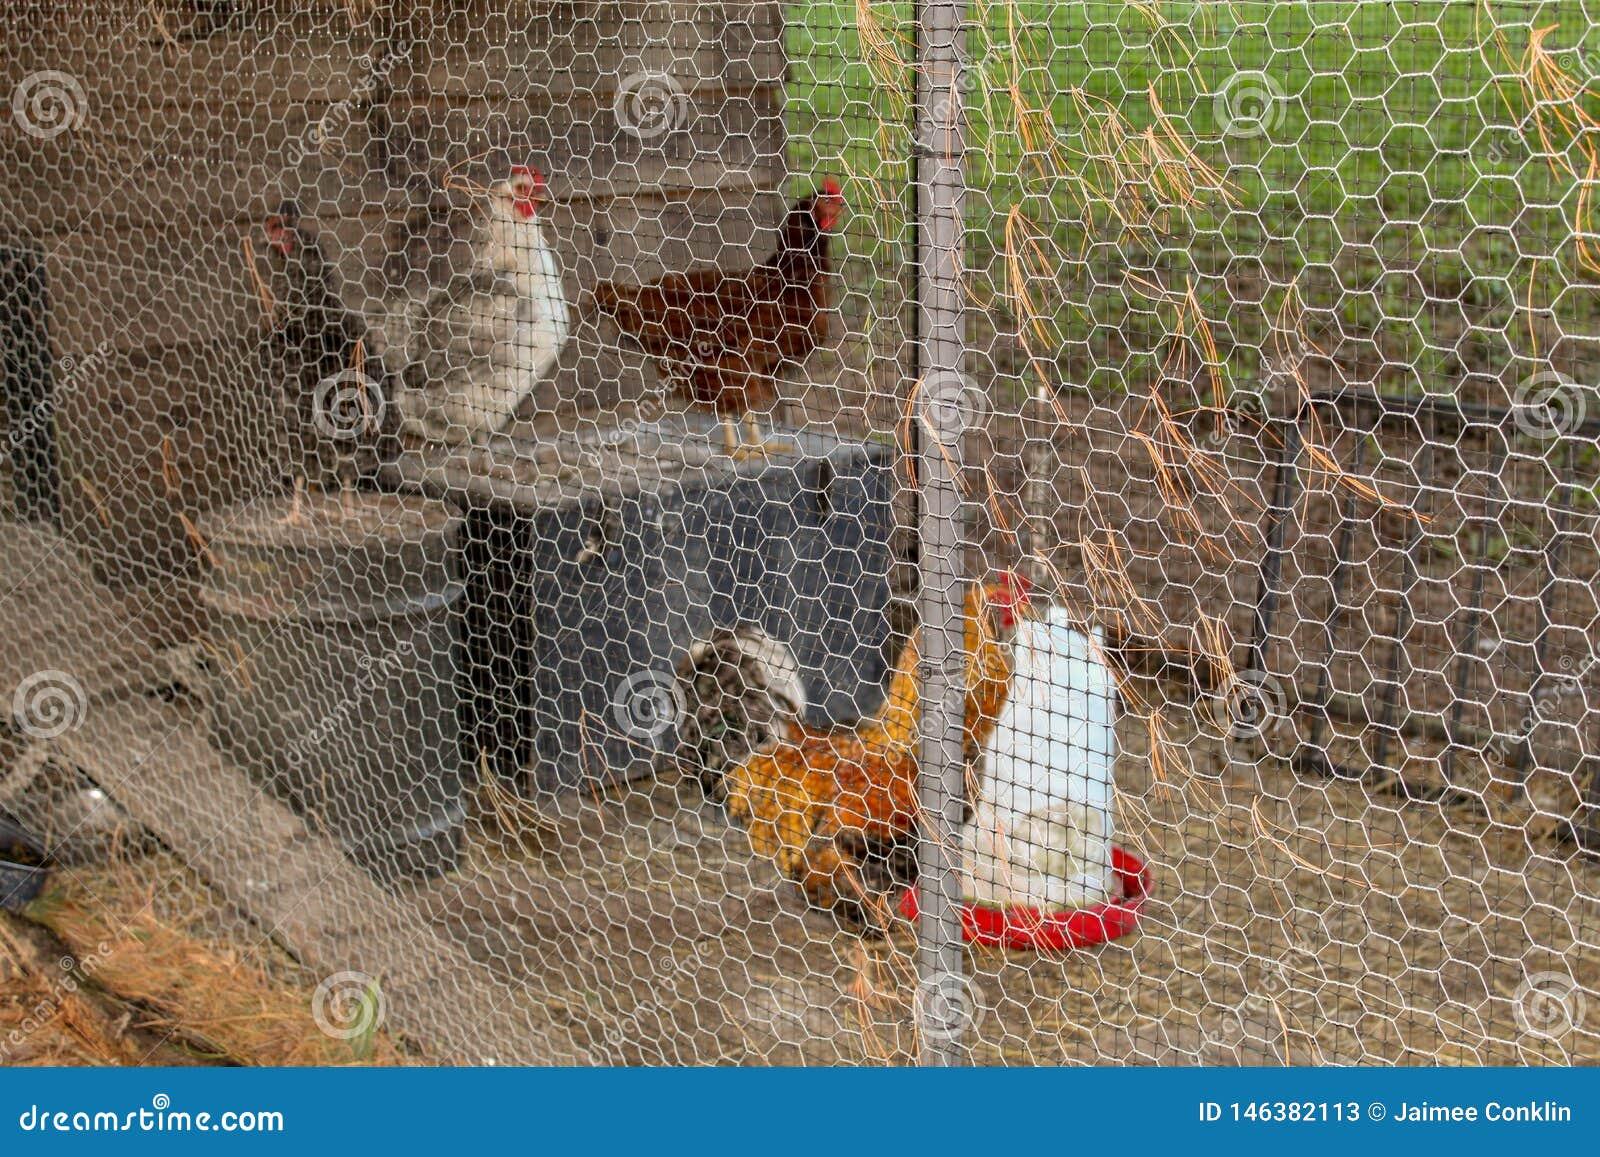 Петух и курицы стоя в загородке металла курятников